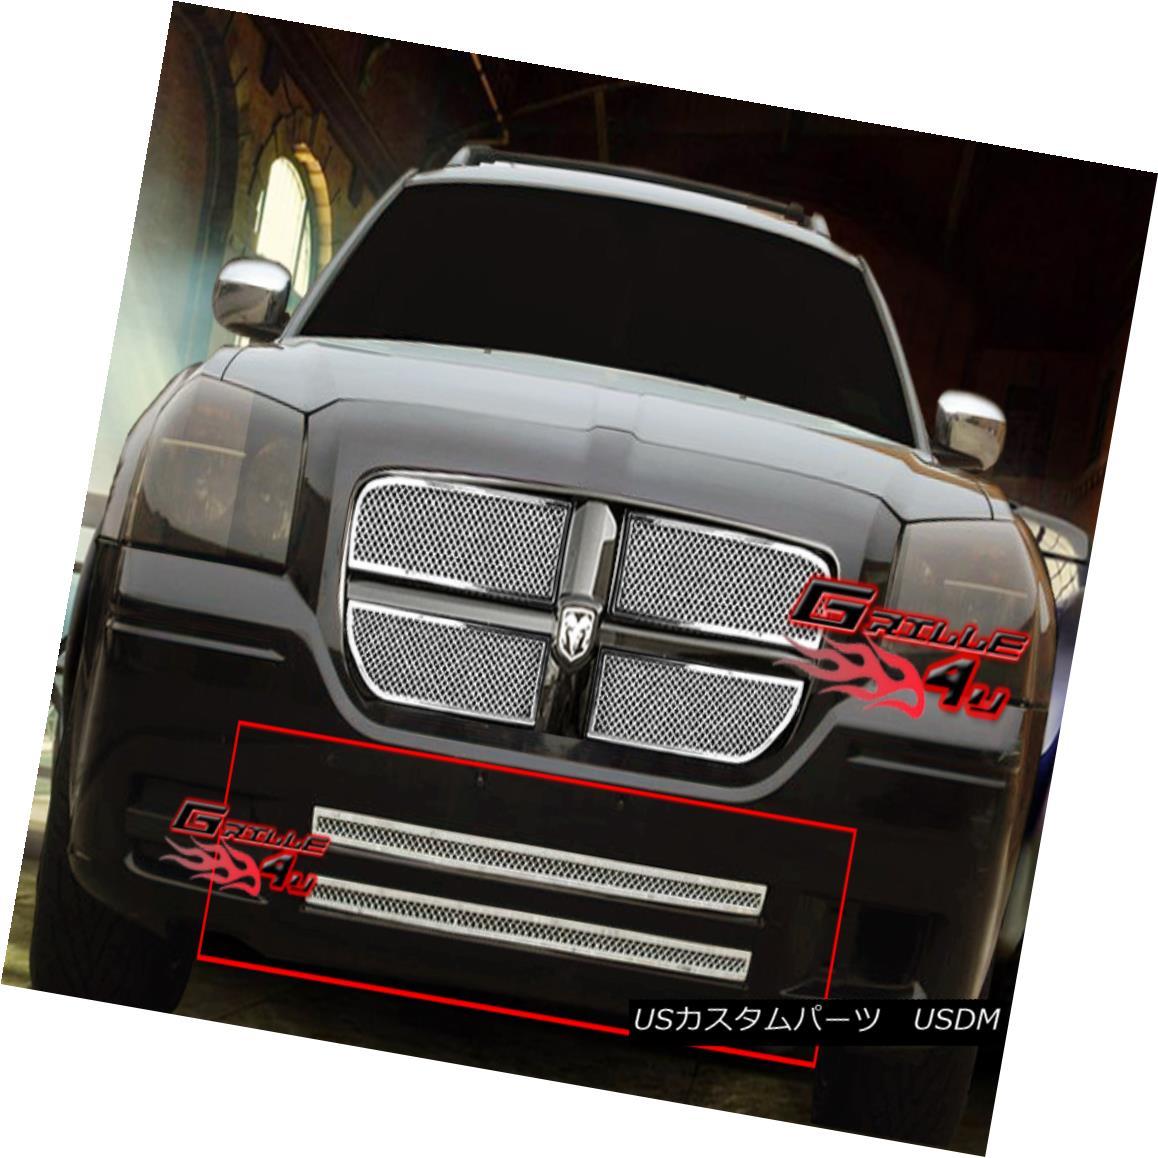 グリル Fits 2005-2007 Dodge Magnum Bumper Stainless Mesh Grille Insert 2005-2007 Dodge Magnum Bumperステンレスメッシュグリルインサートに適合